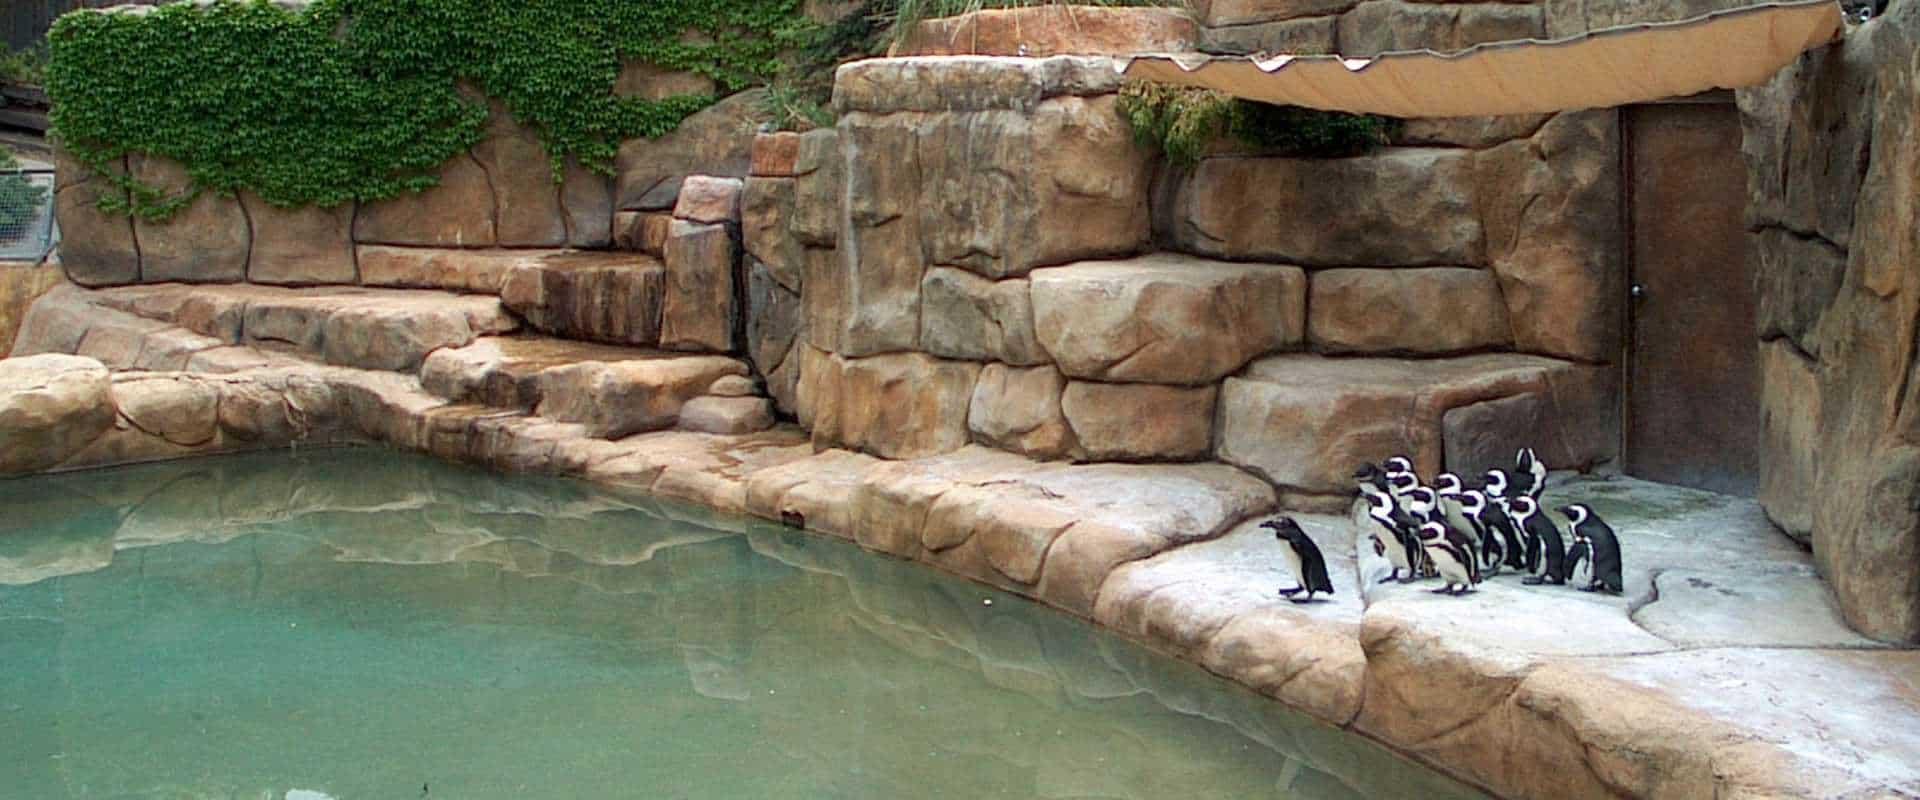 Ζωολογικοί κήποι & Υδάτινα πάρκα